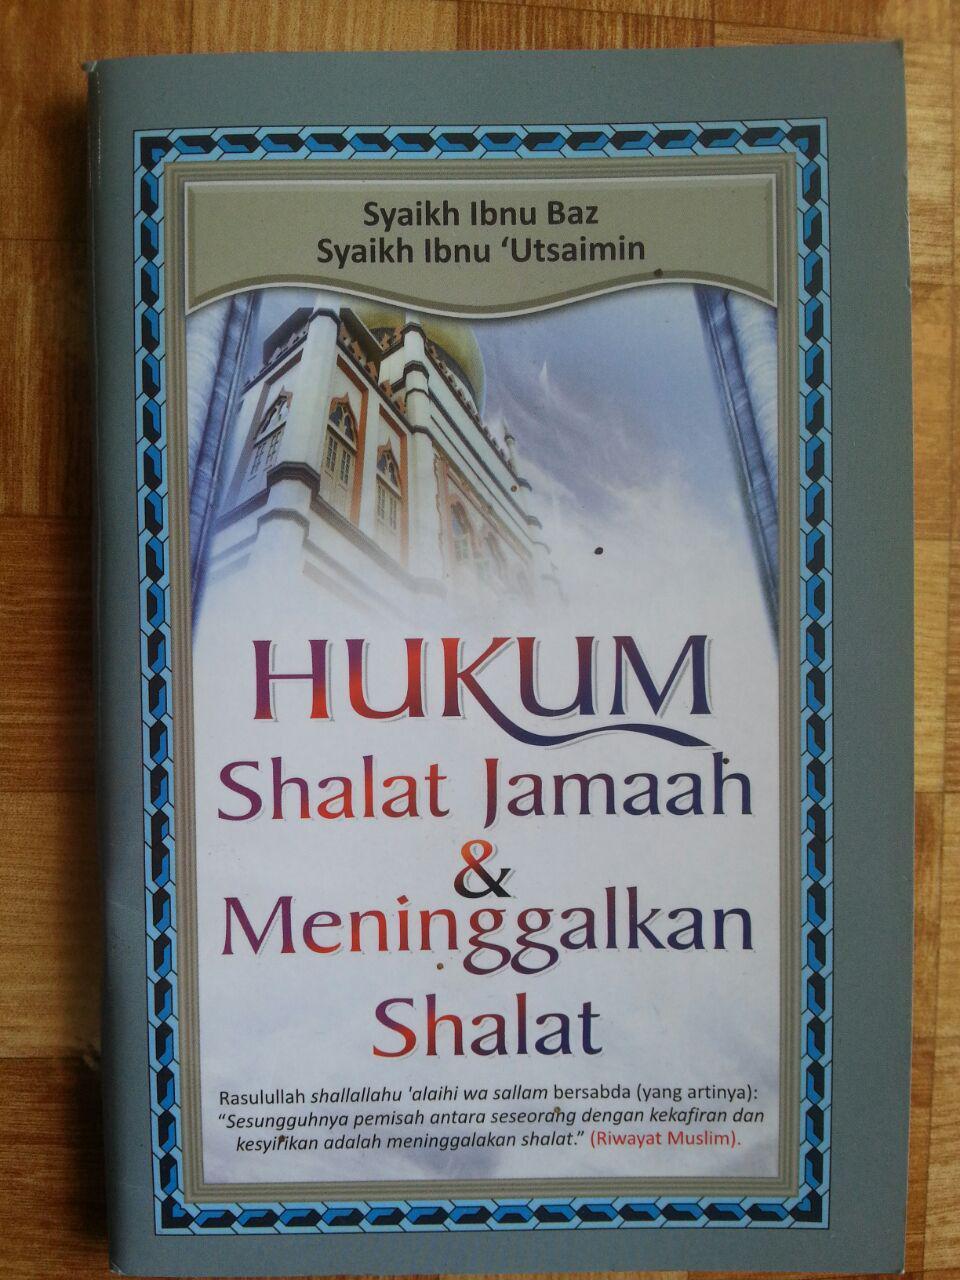 Buku Hukum Shalat Berjamaah dan Meninggalkan Shalat cover 2